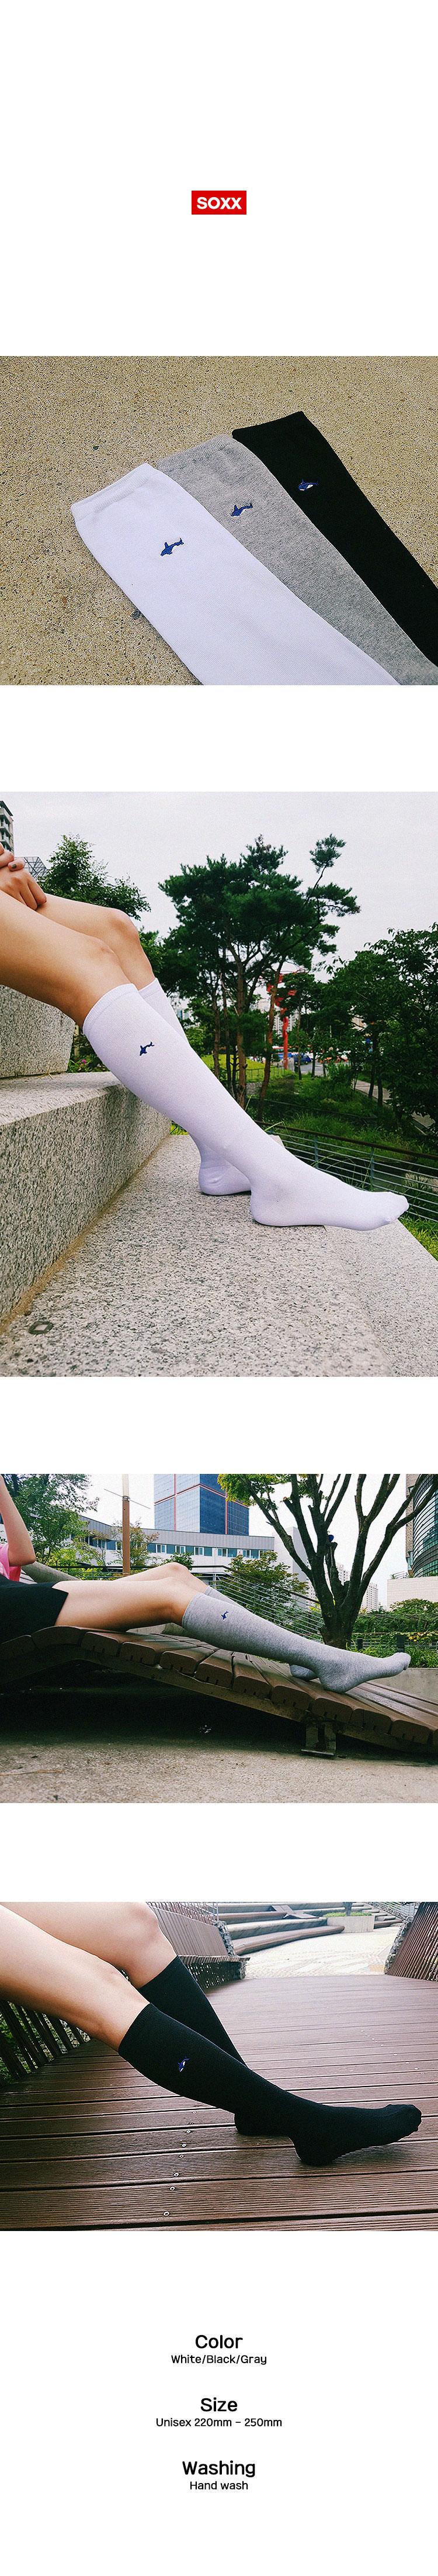 Dolphin Knee 3 color - 삭스신드롬, 6,000원, 여성양말, 패션양말